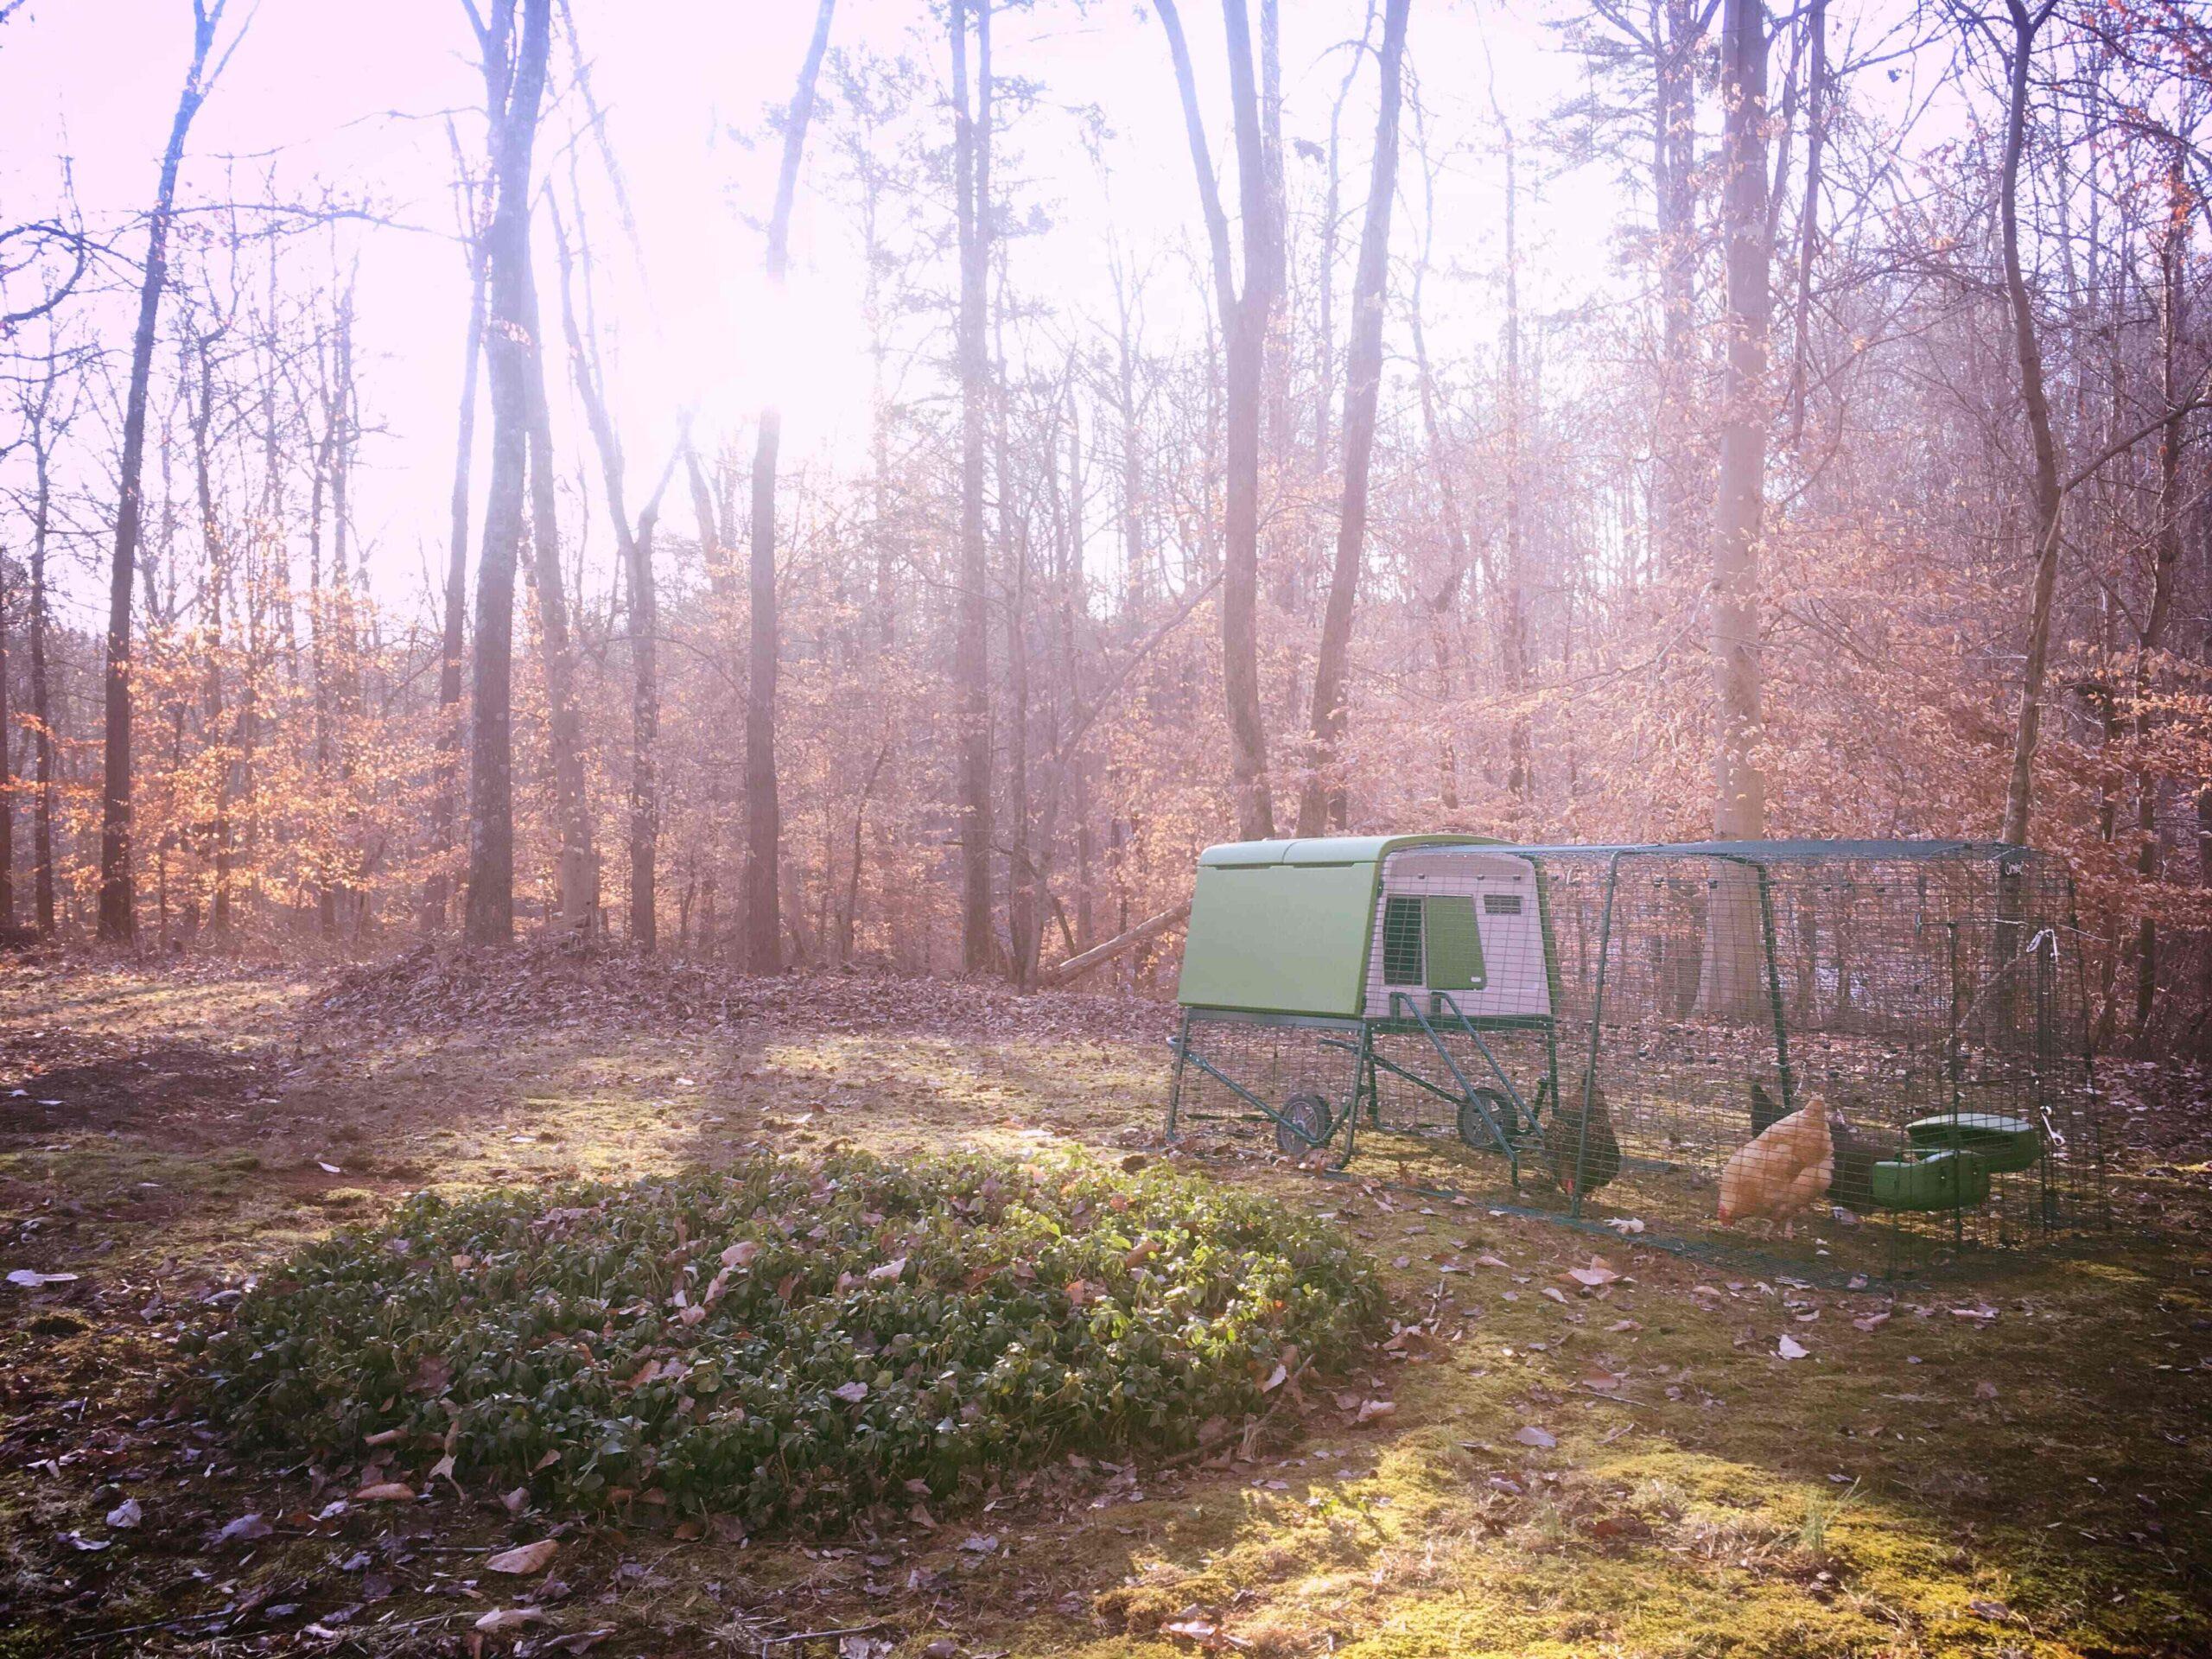 Galline in un bosco autunnale nel loro recinto Eglu